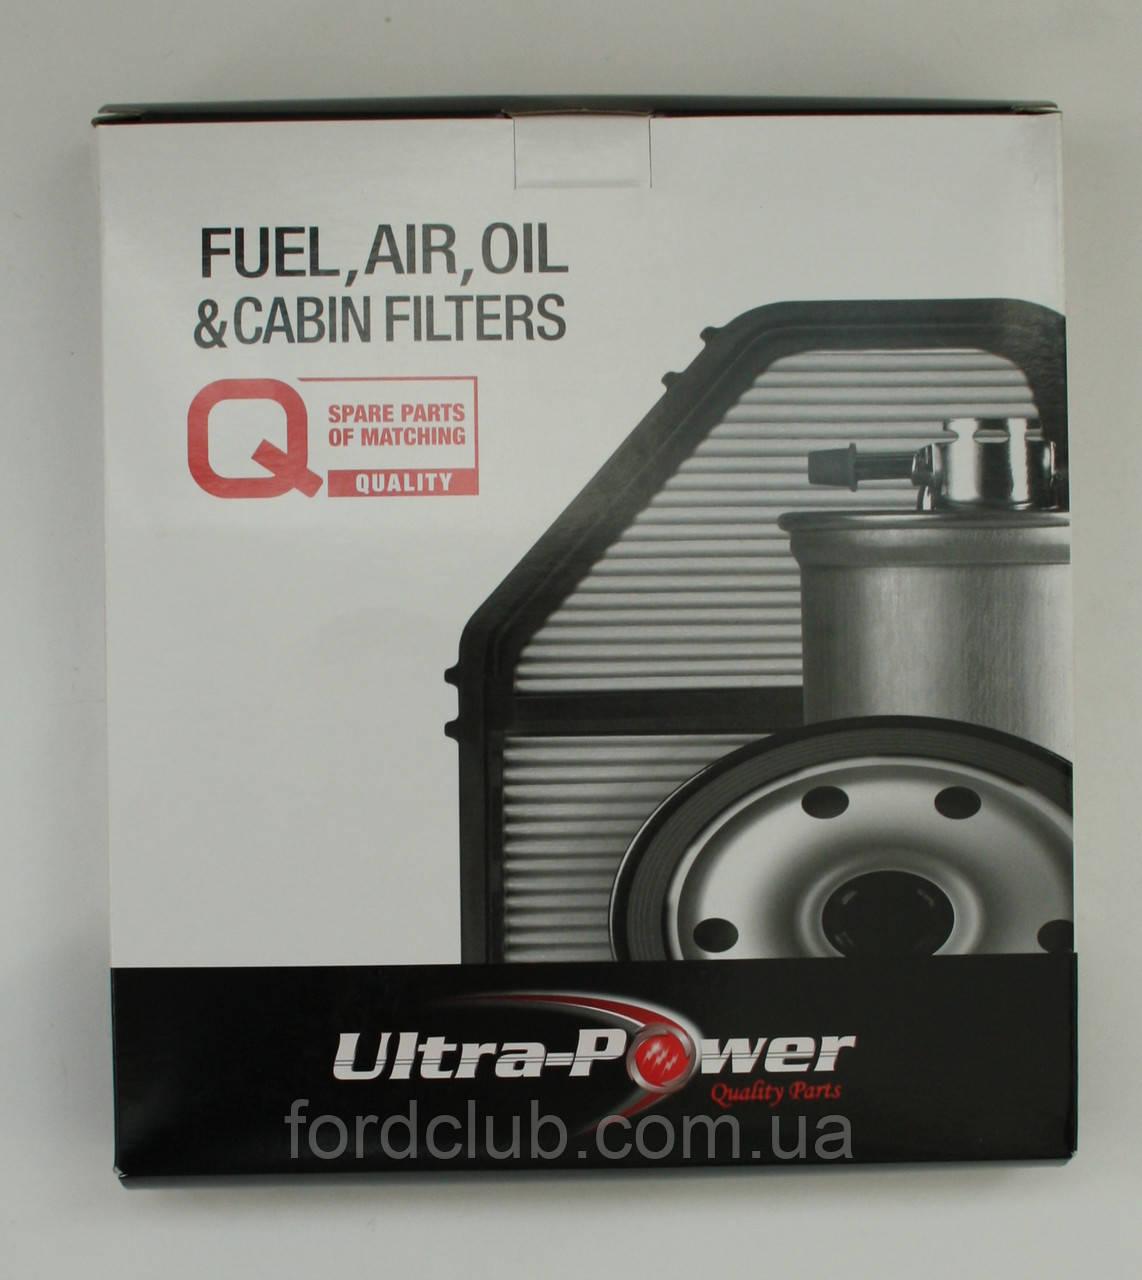 Фильтр воздушный Ford C-MAX USA 2,0 hybrid; ULTRA-POWER